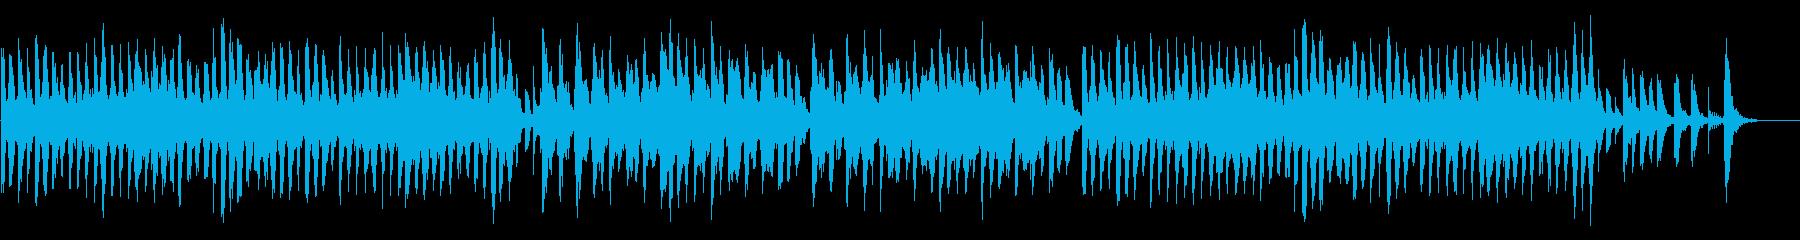 マリンバとアコーディオンの弾むポップスの再生済みの波形